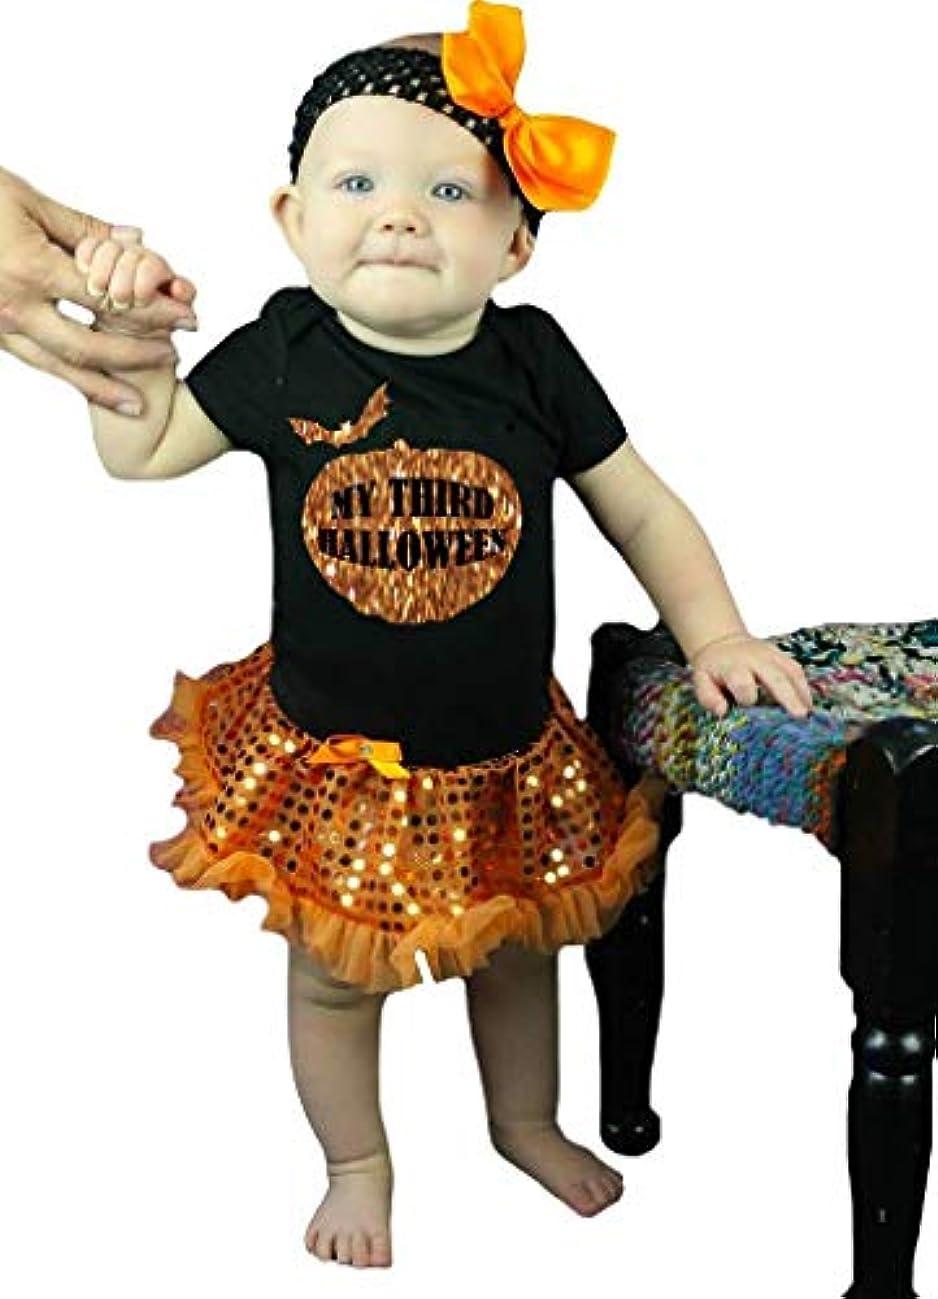 それに応じてのれん変換する[キッズコーナー] ハロウィン Bling My Third Halloween オレンジ ドレス ベビー服 子供チュチュ Nb-18m (ブラック, X-large) [並行輸入品]